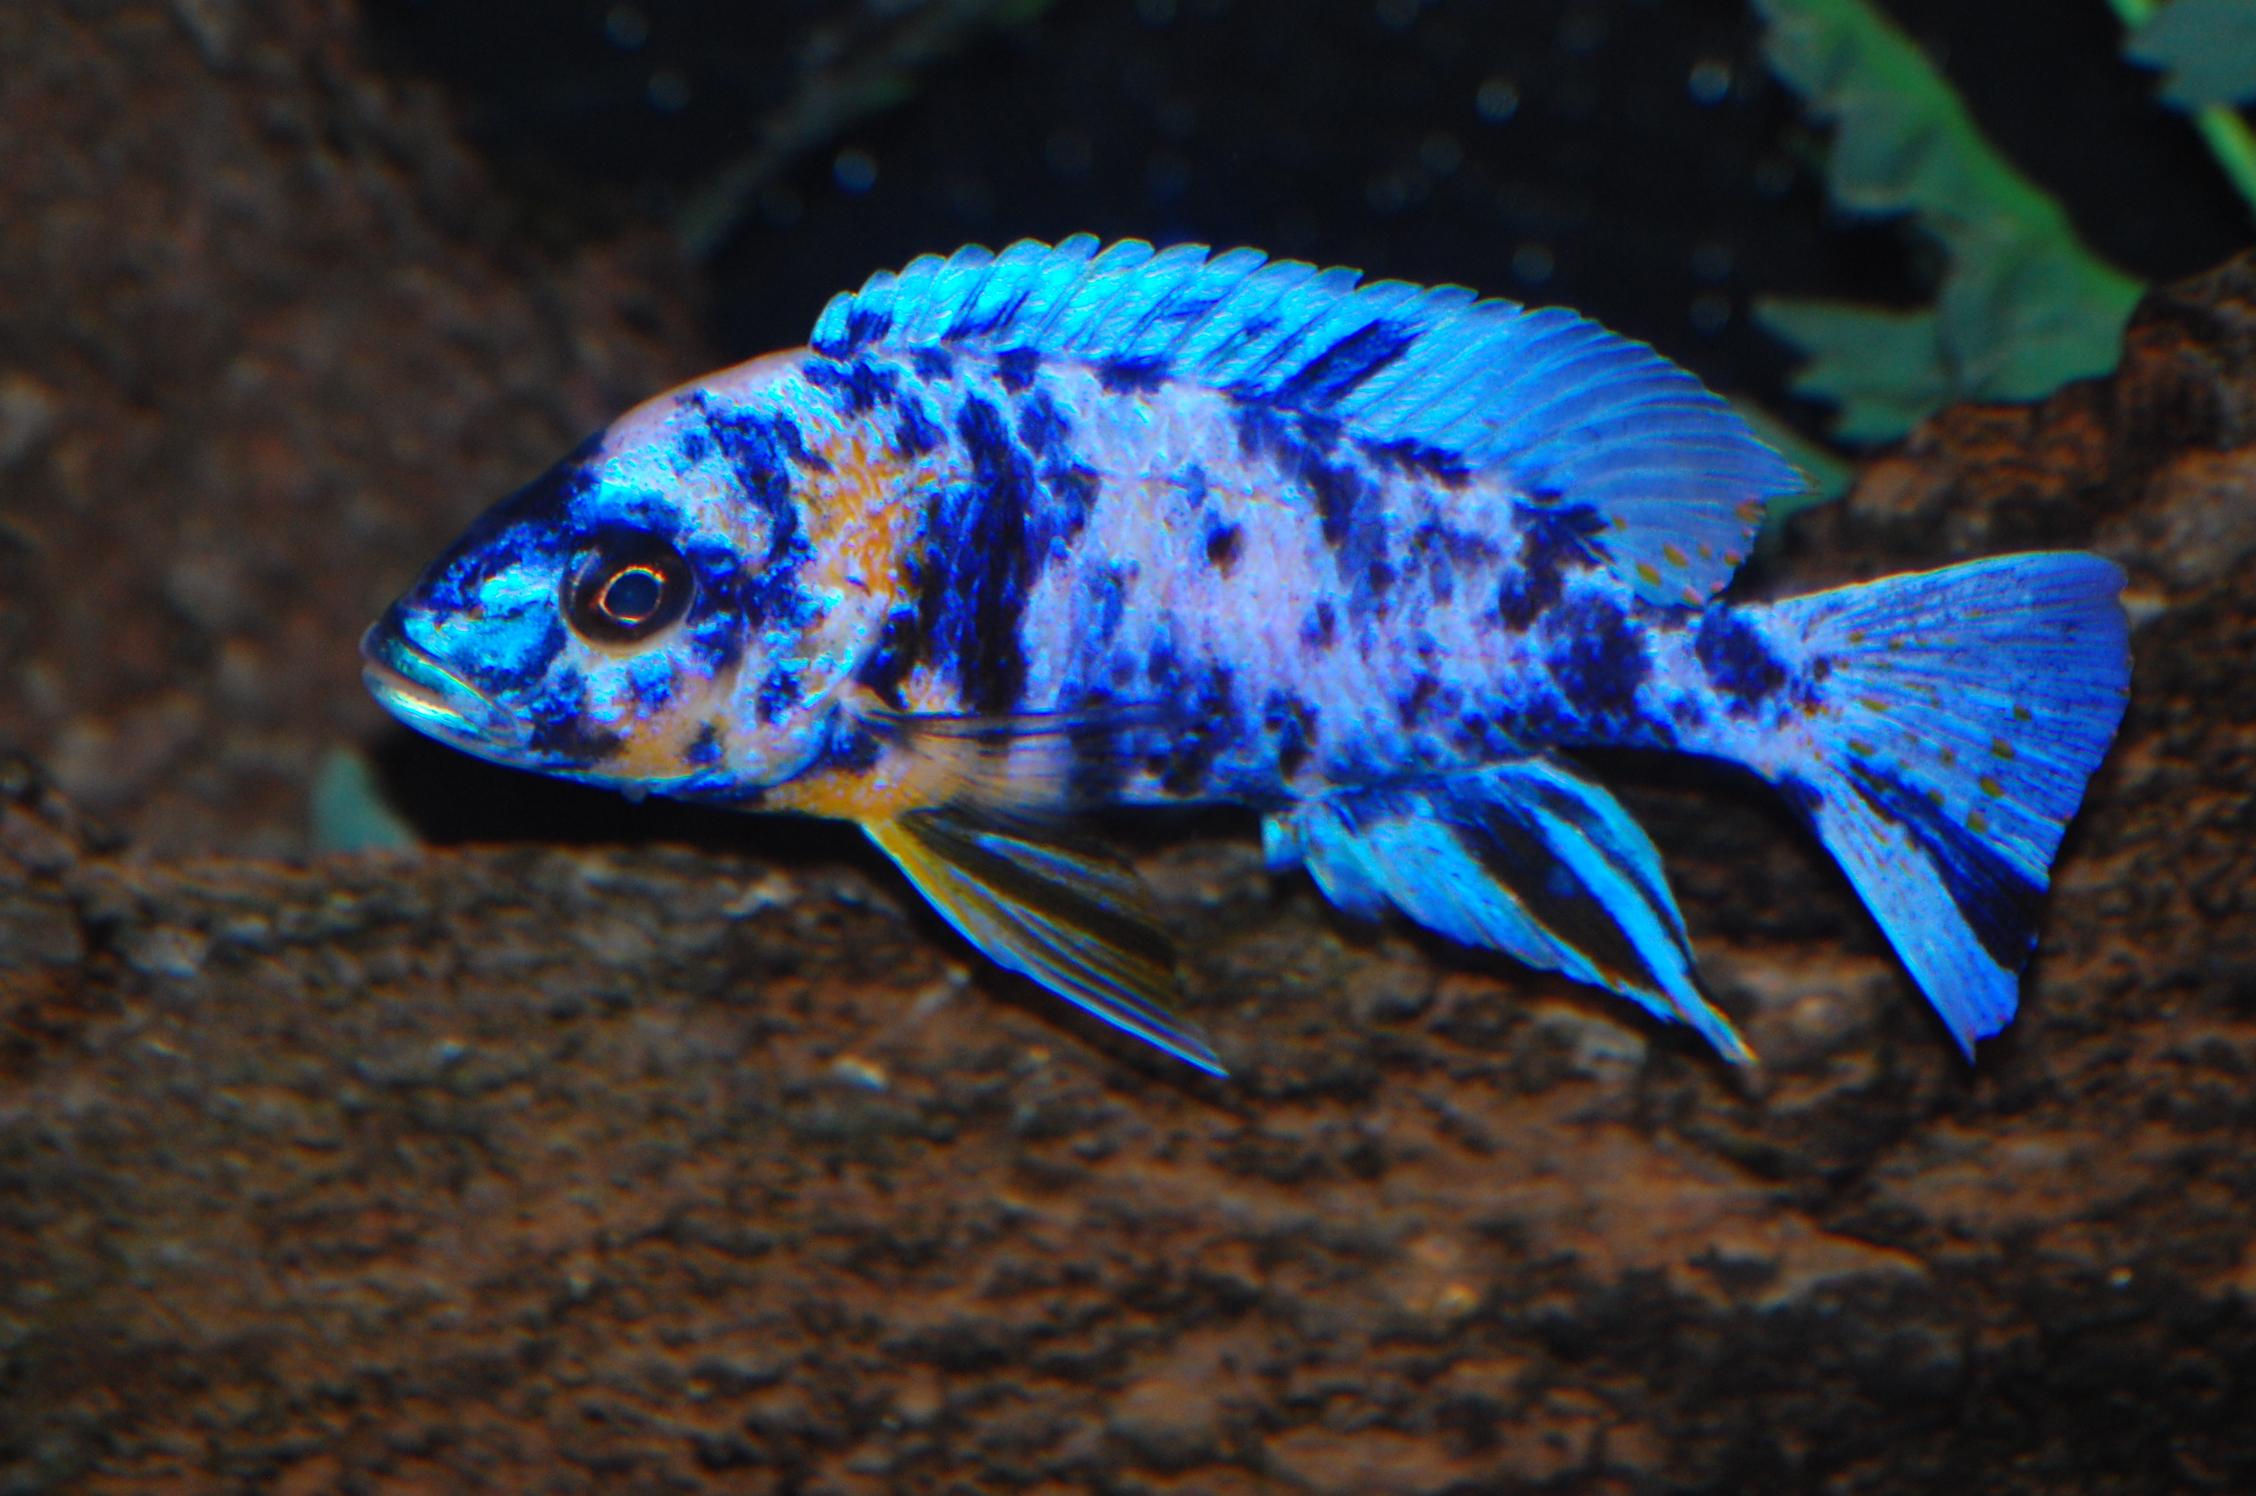 cichlids.com: Blue OB Peacock